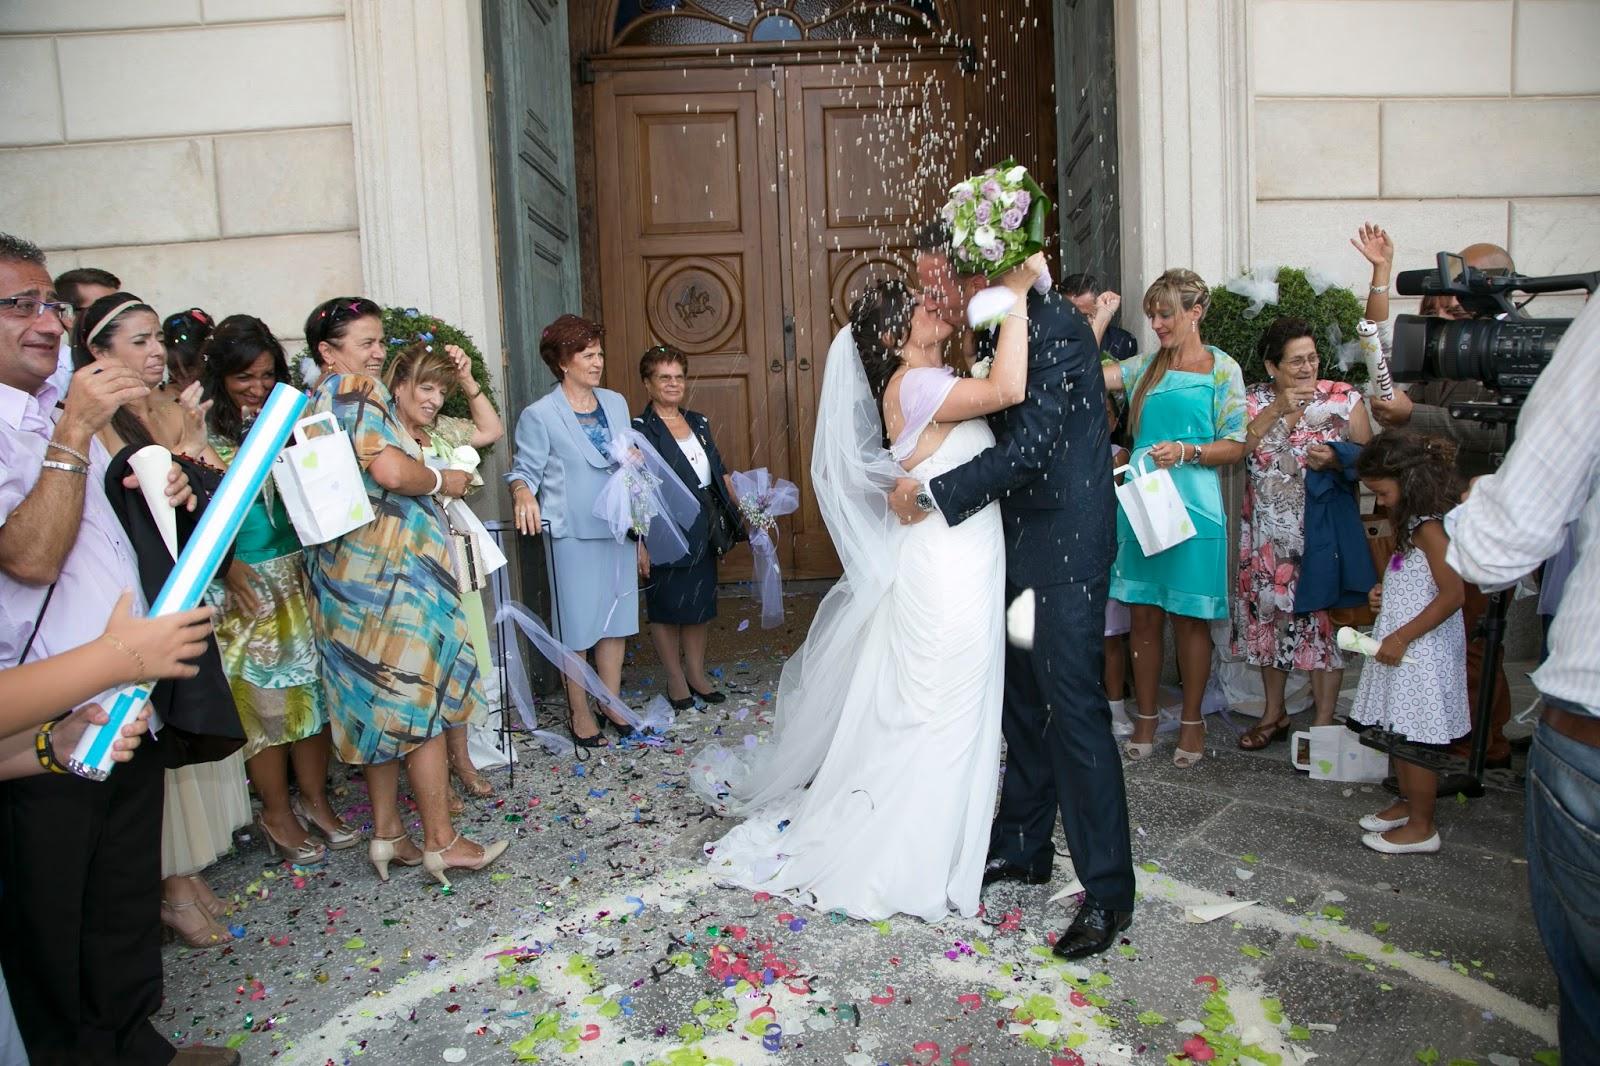 http://www.ilblogdisposamioggi.com/2013/10/il-matrimonio-di-rosanna-alessandro.html